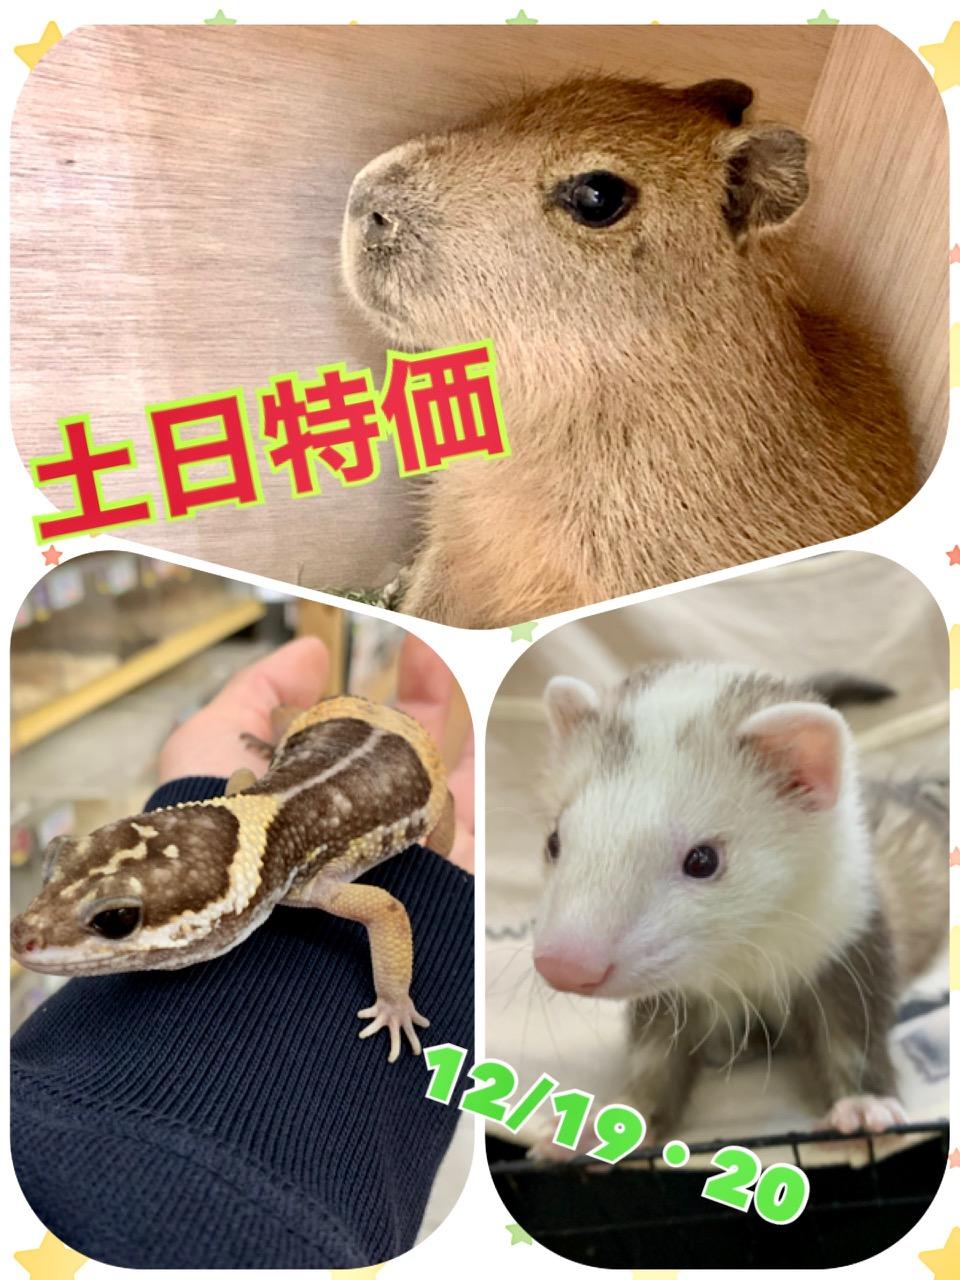 【春ペポニ】19・20日『土日特価』